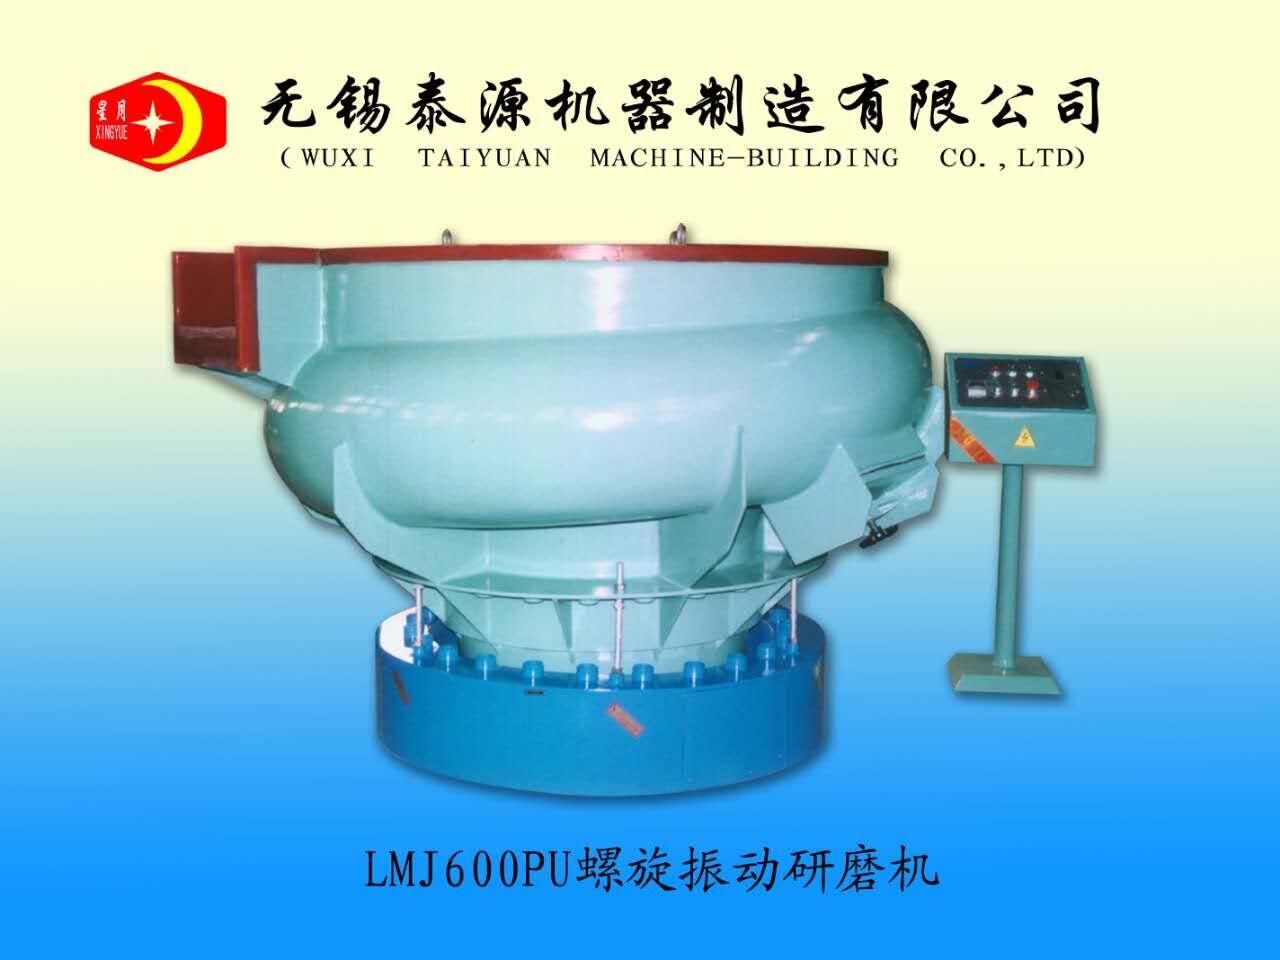 云顶集团登录)LMJ600 PU 螺旋振动研磨机